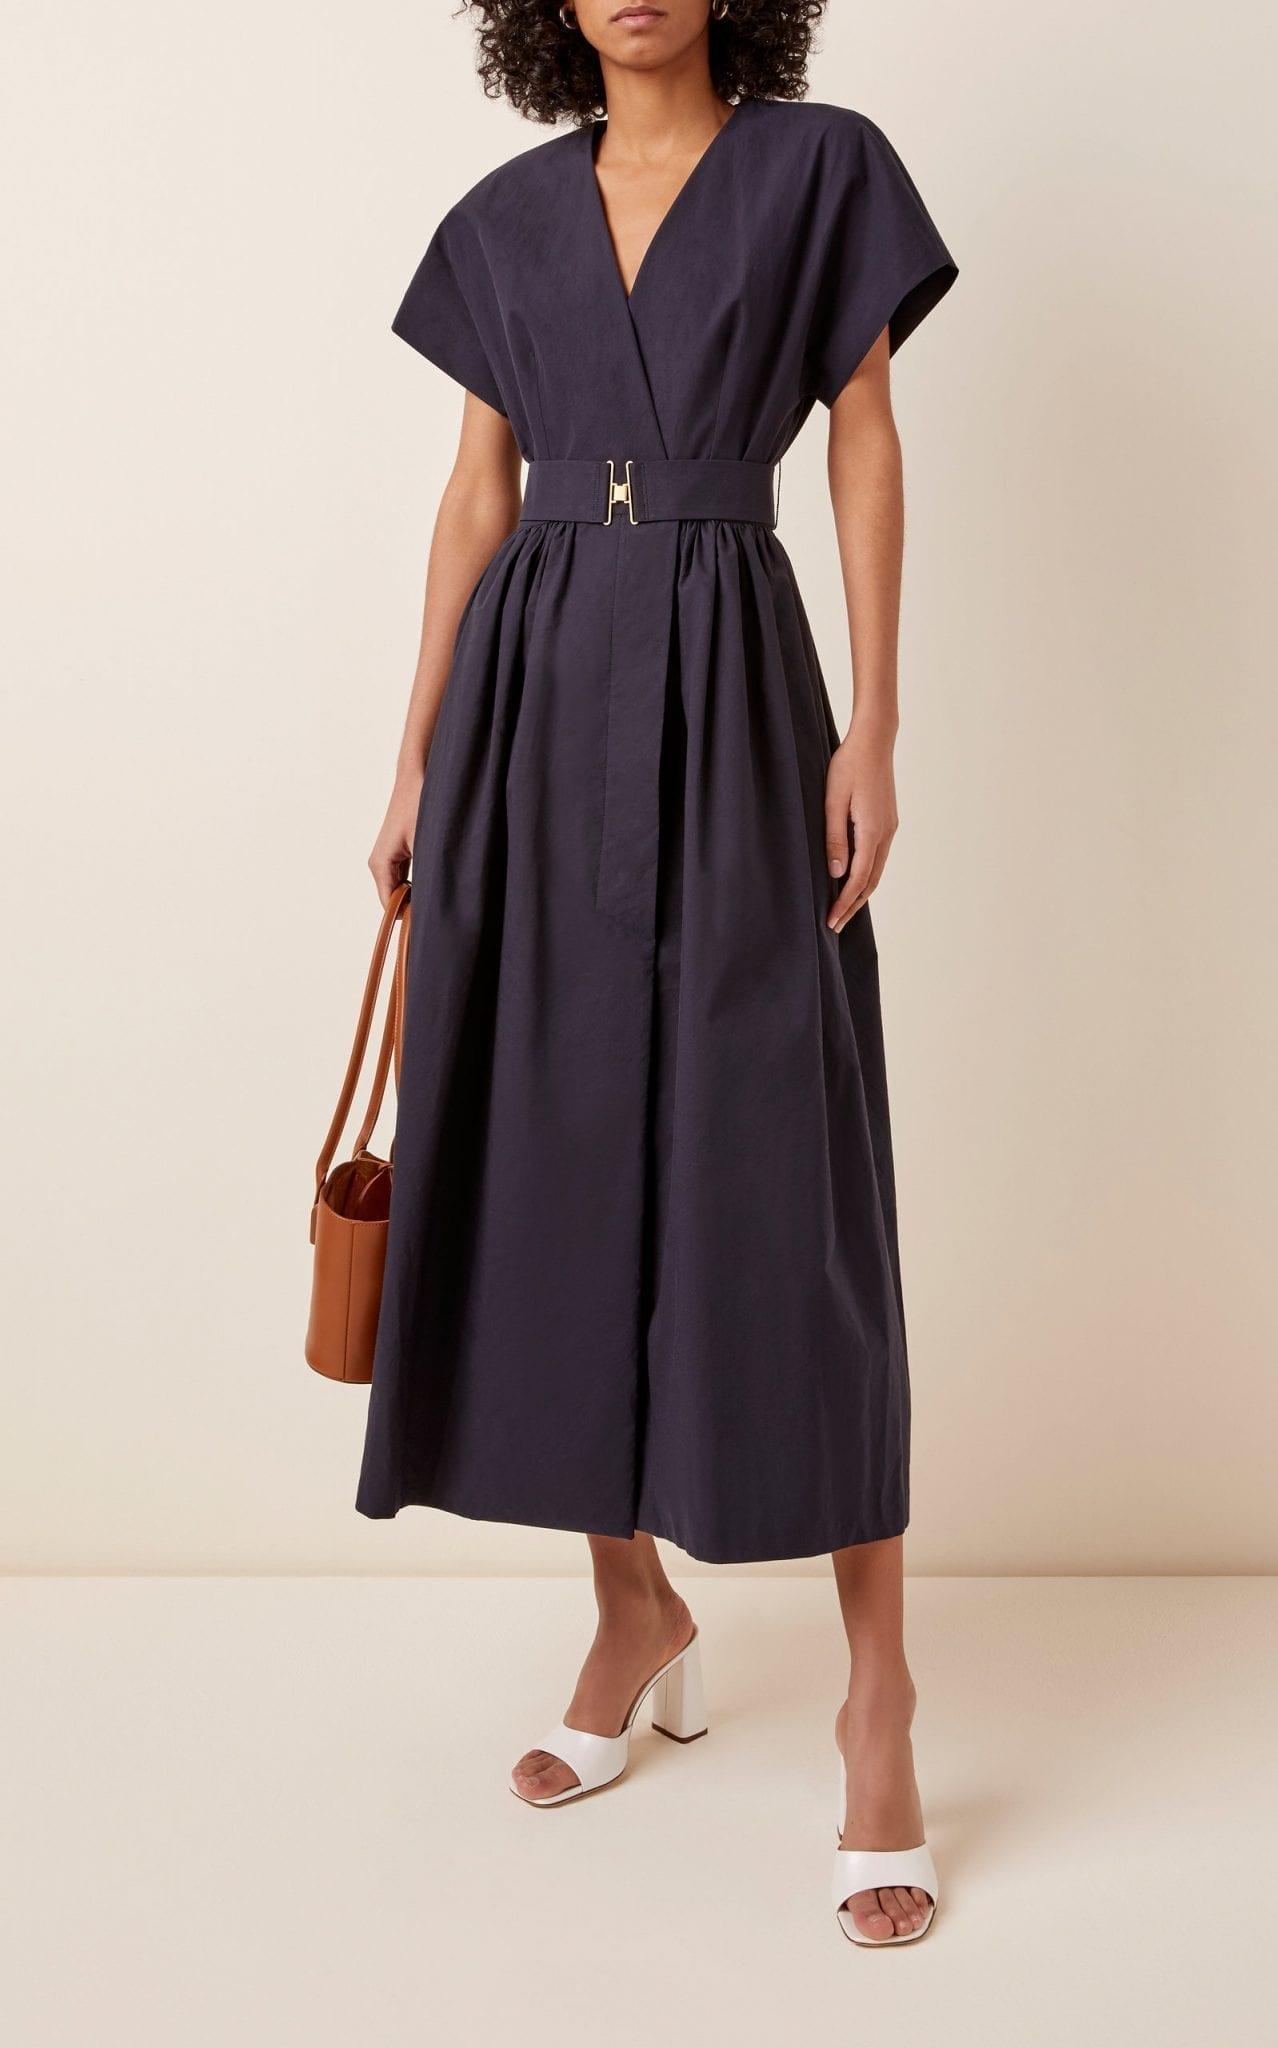 MARTIN GRANT Belted V-Neck Cotton Dress